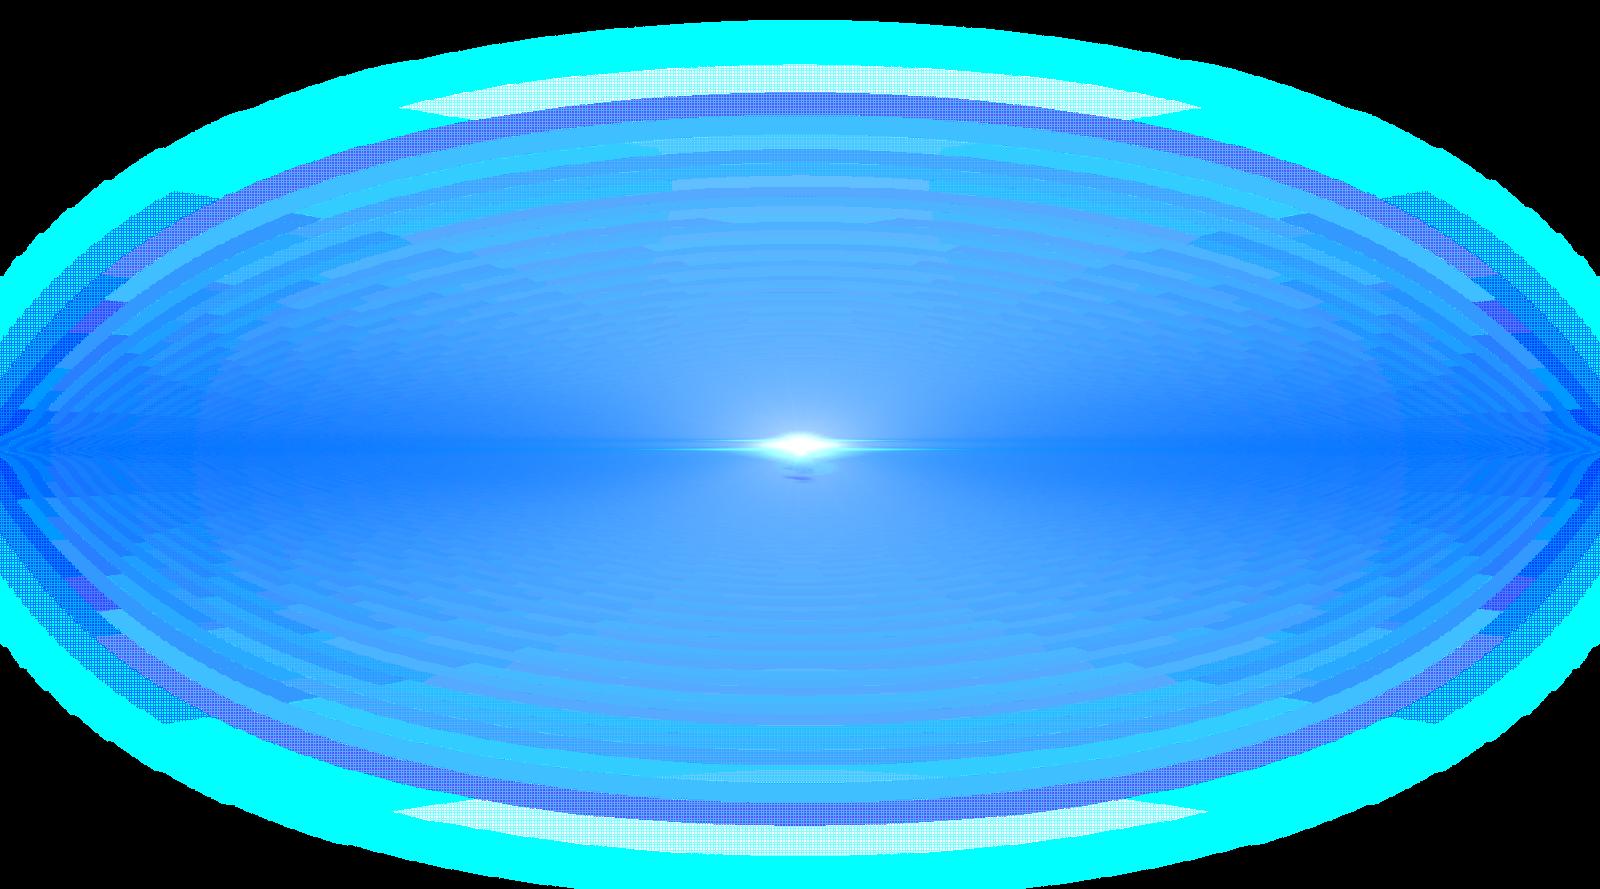 Efeito luzes - fundo transparente